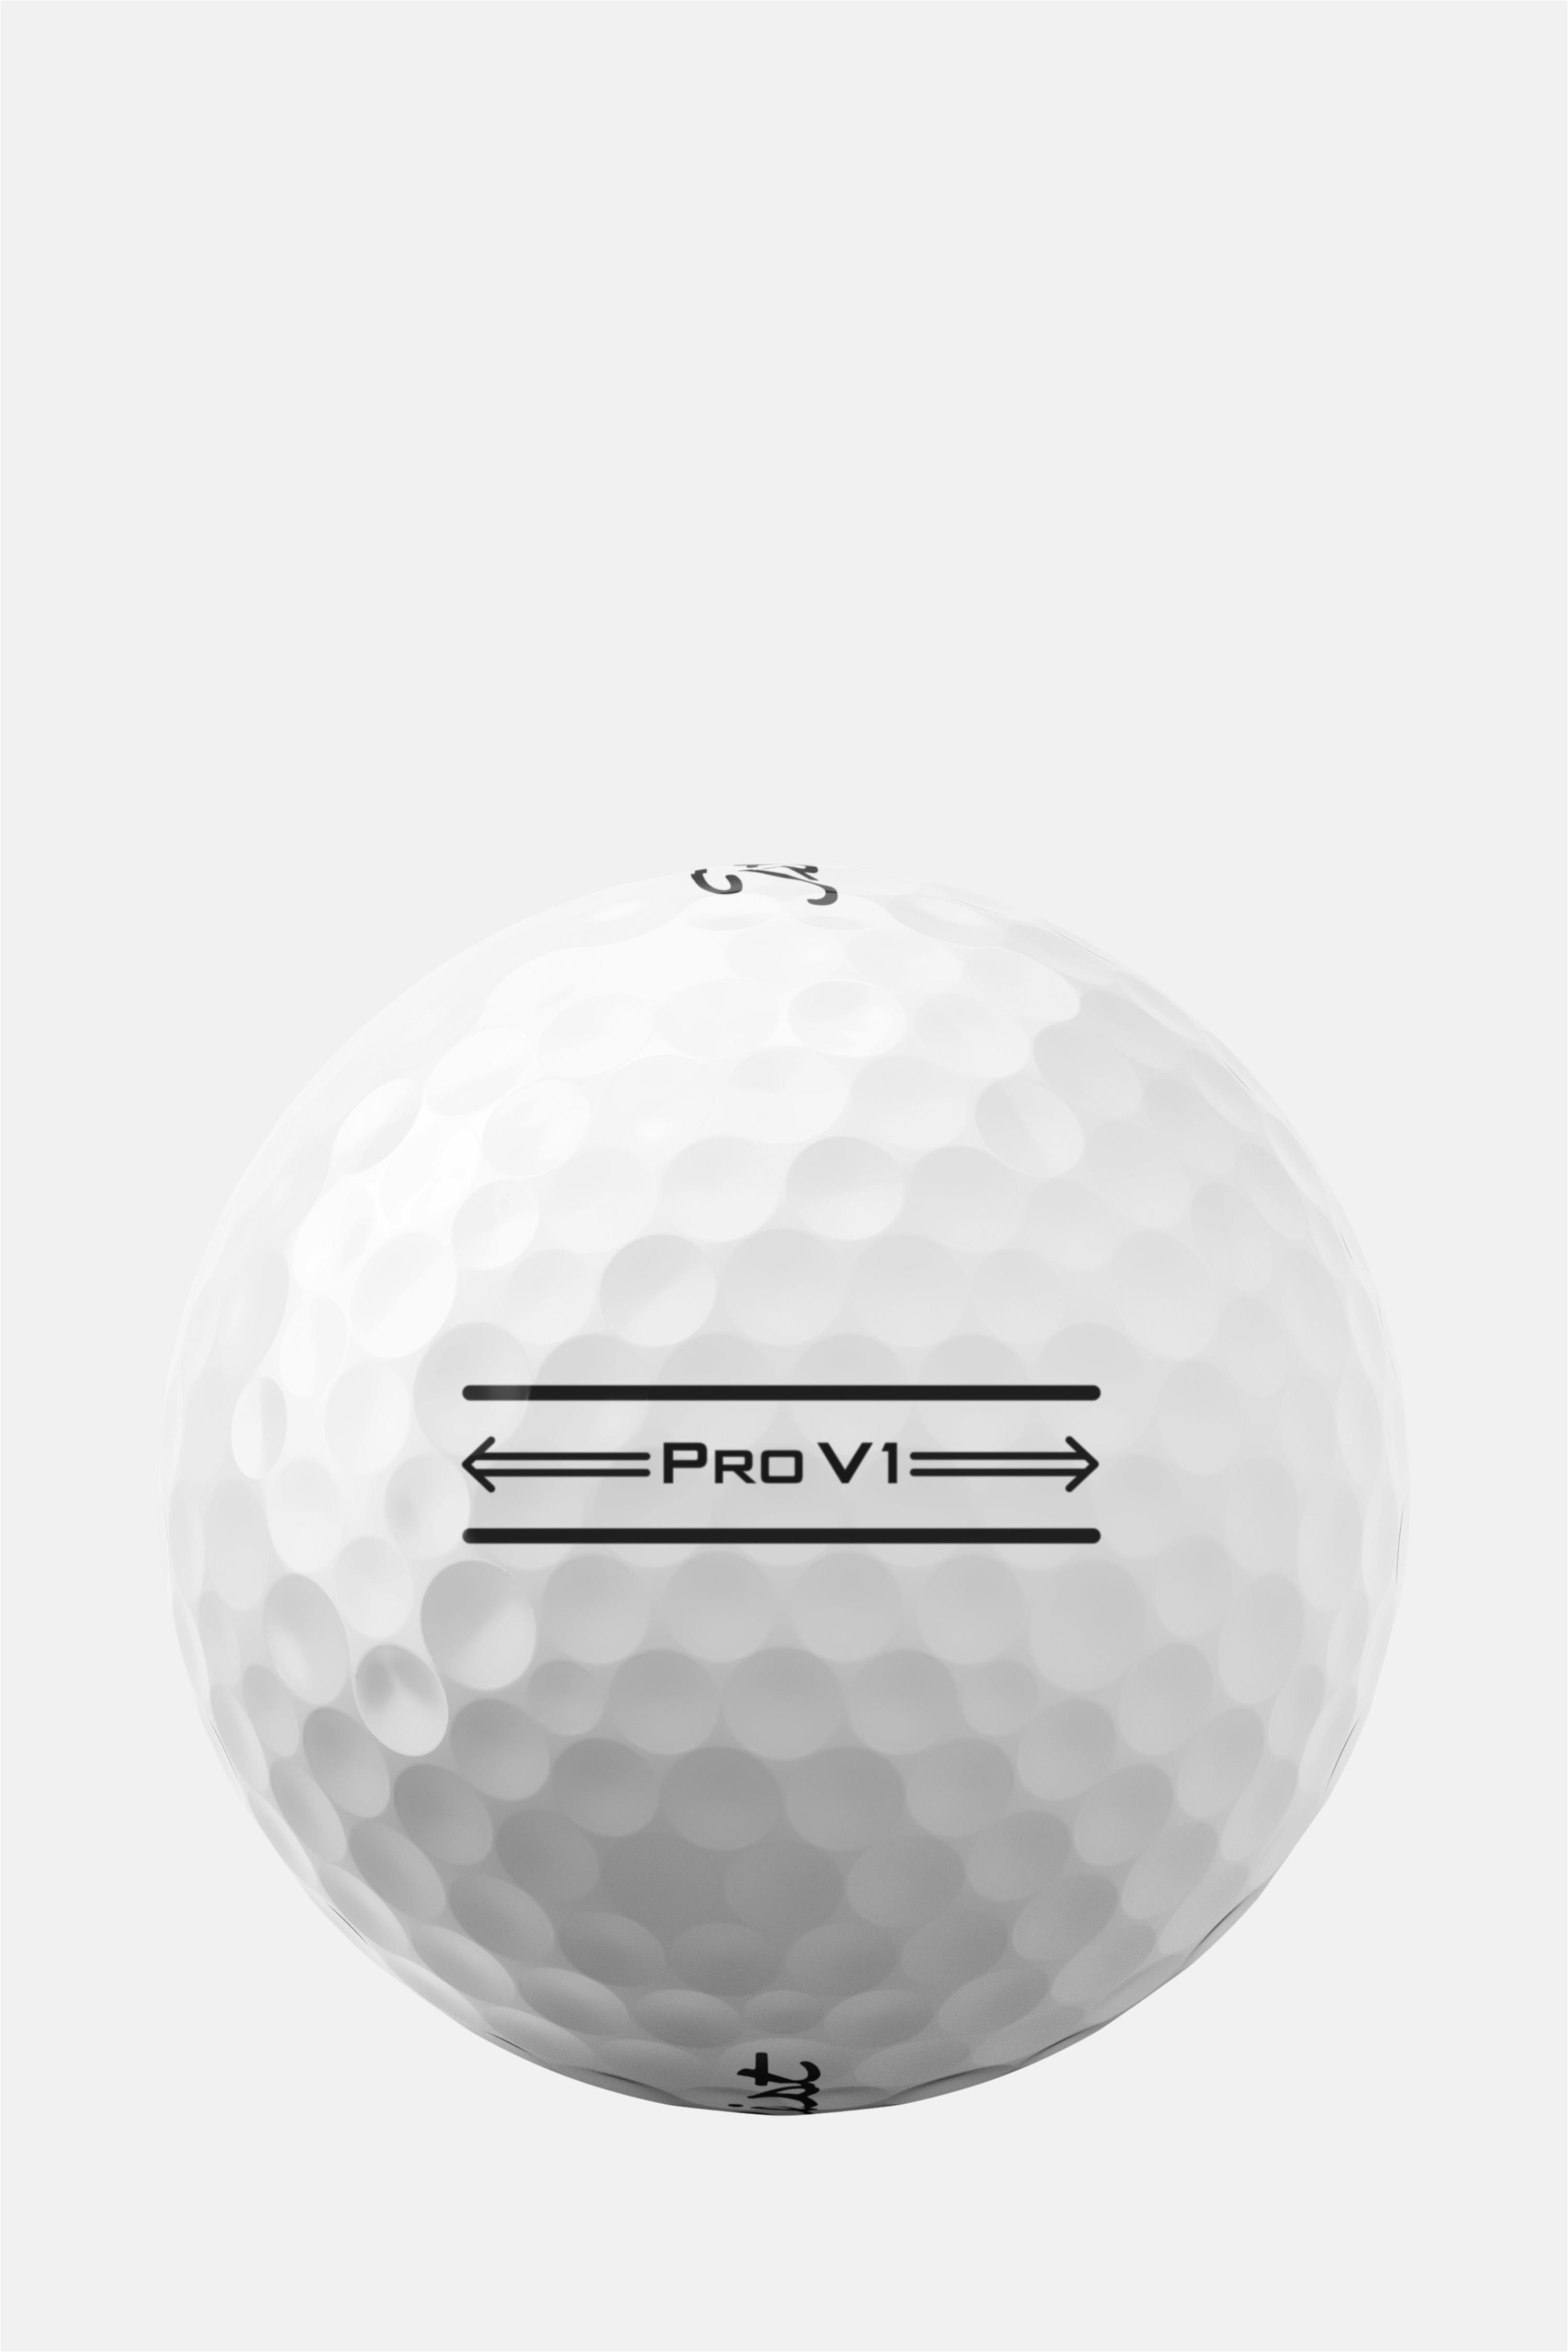 Pro V1 AIM